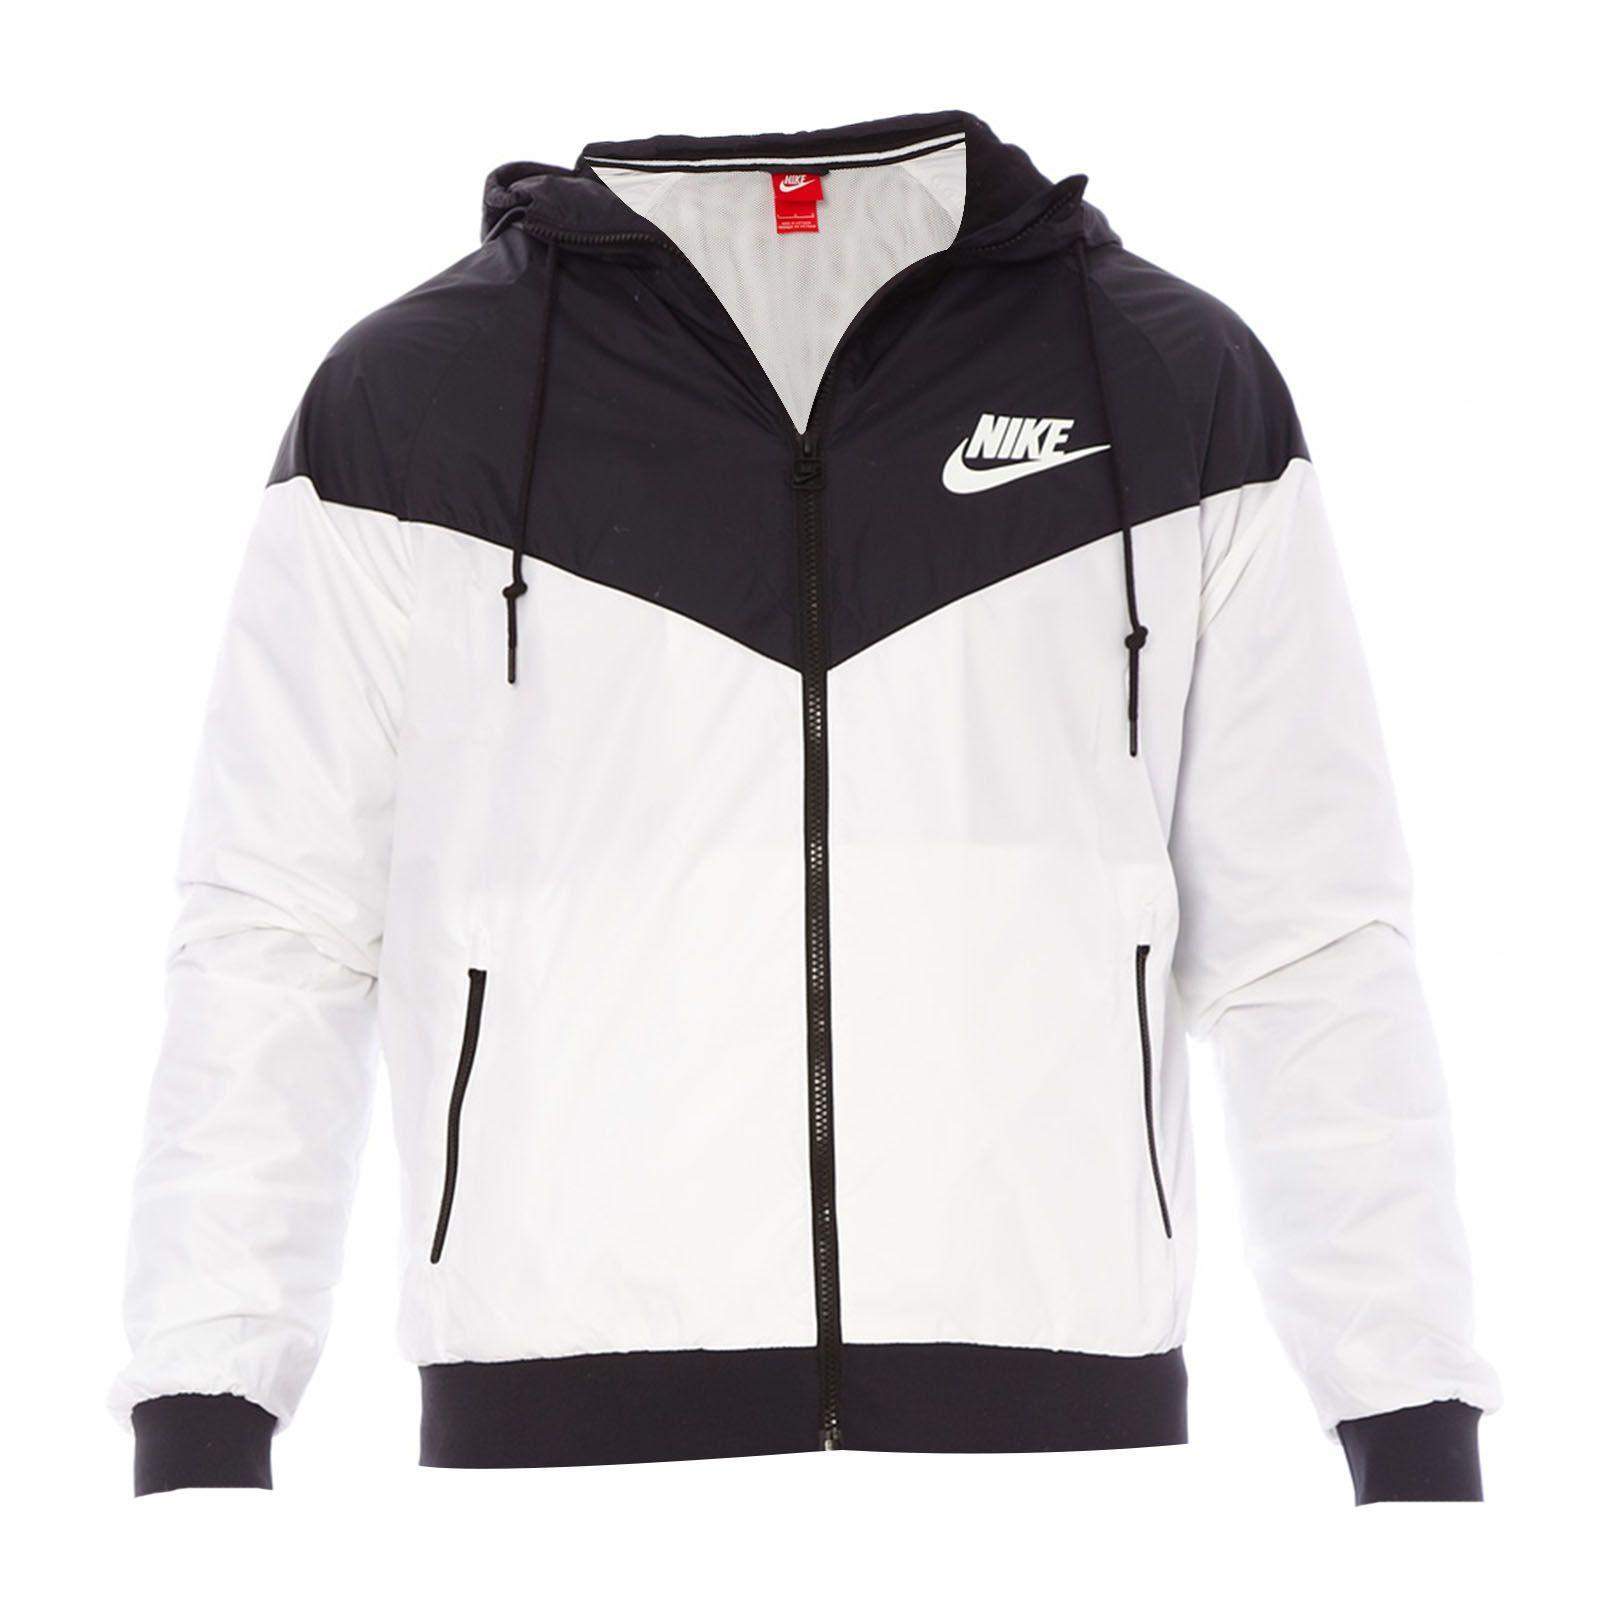 amp  Nike Pull Blouson Vetement Doudoune D hiver Chapka qwBxdIUa 8f3138a607d